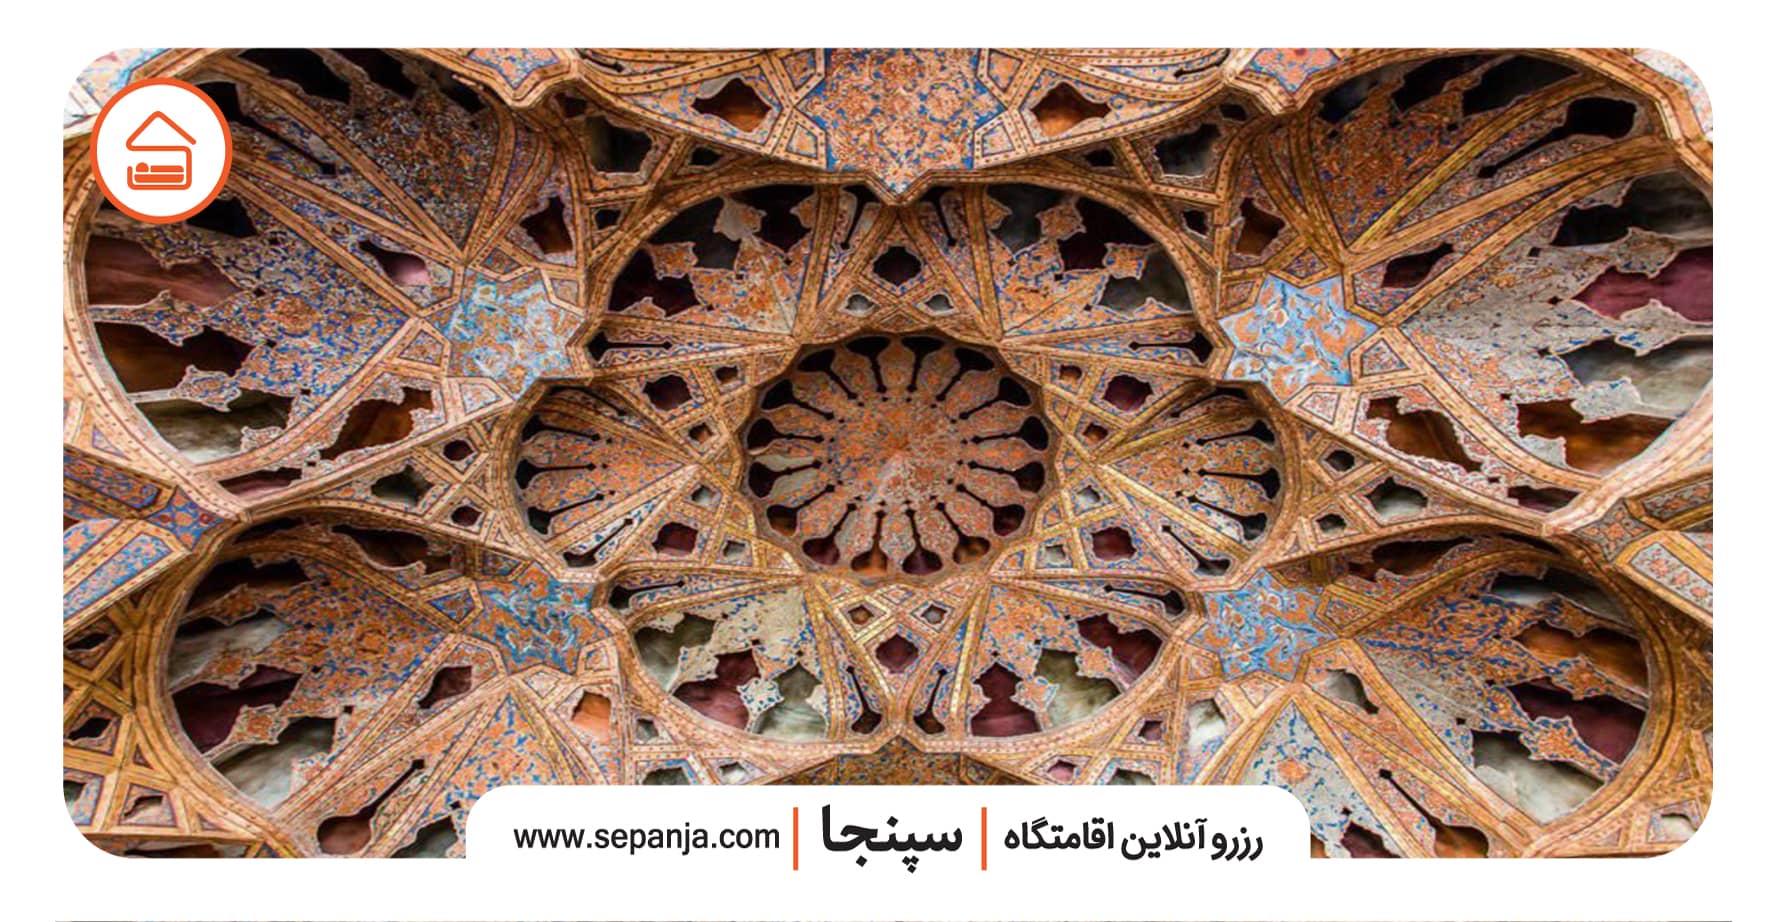 نمایی از تزئینات عمارت عالی قاپو اصفهان